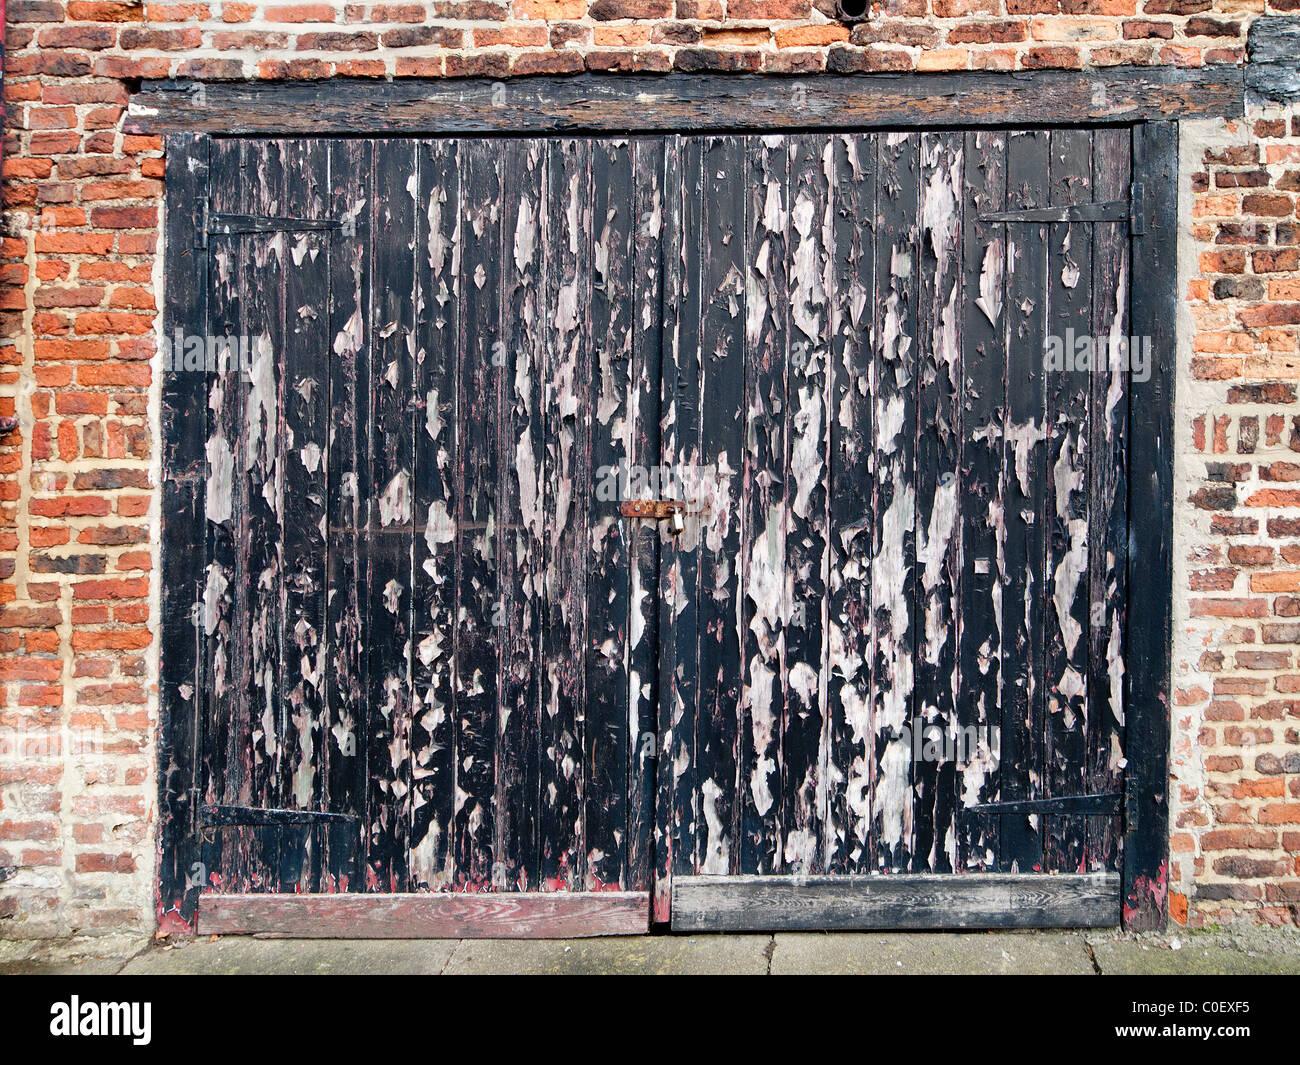 Old Garage Doors : Old wooden garage door in need of redecoration with black